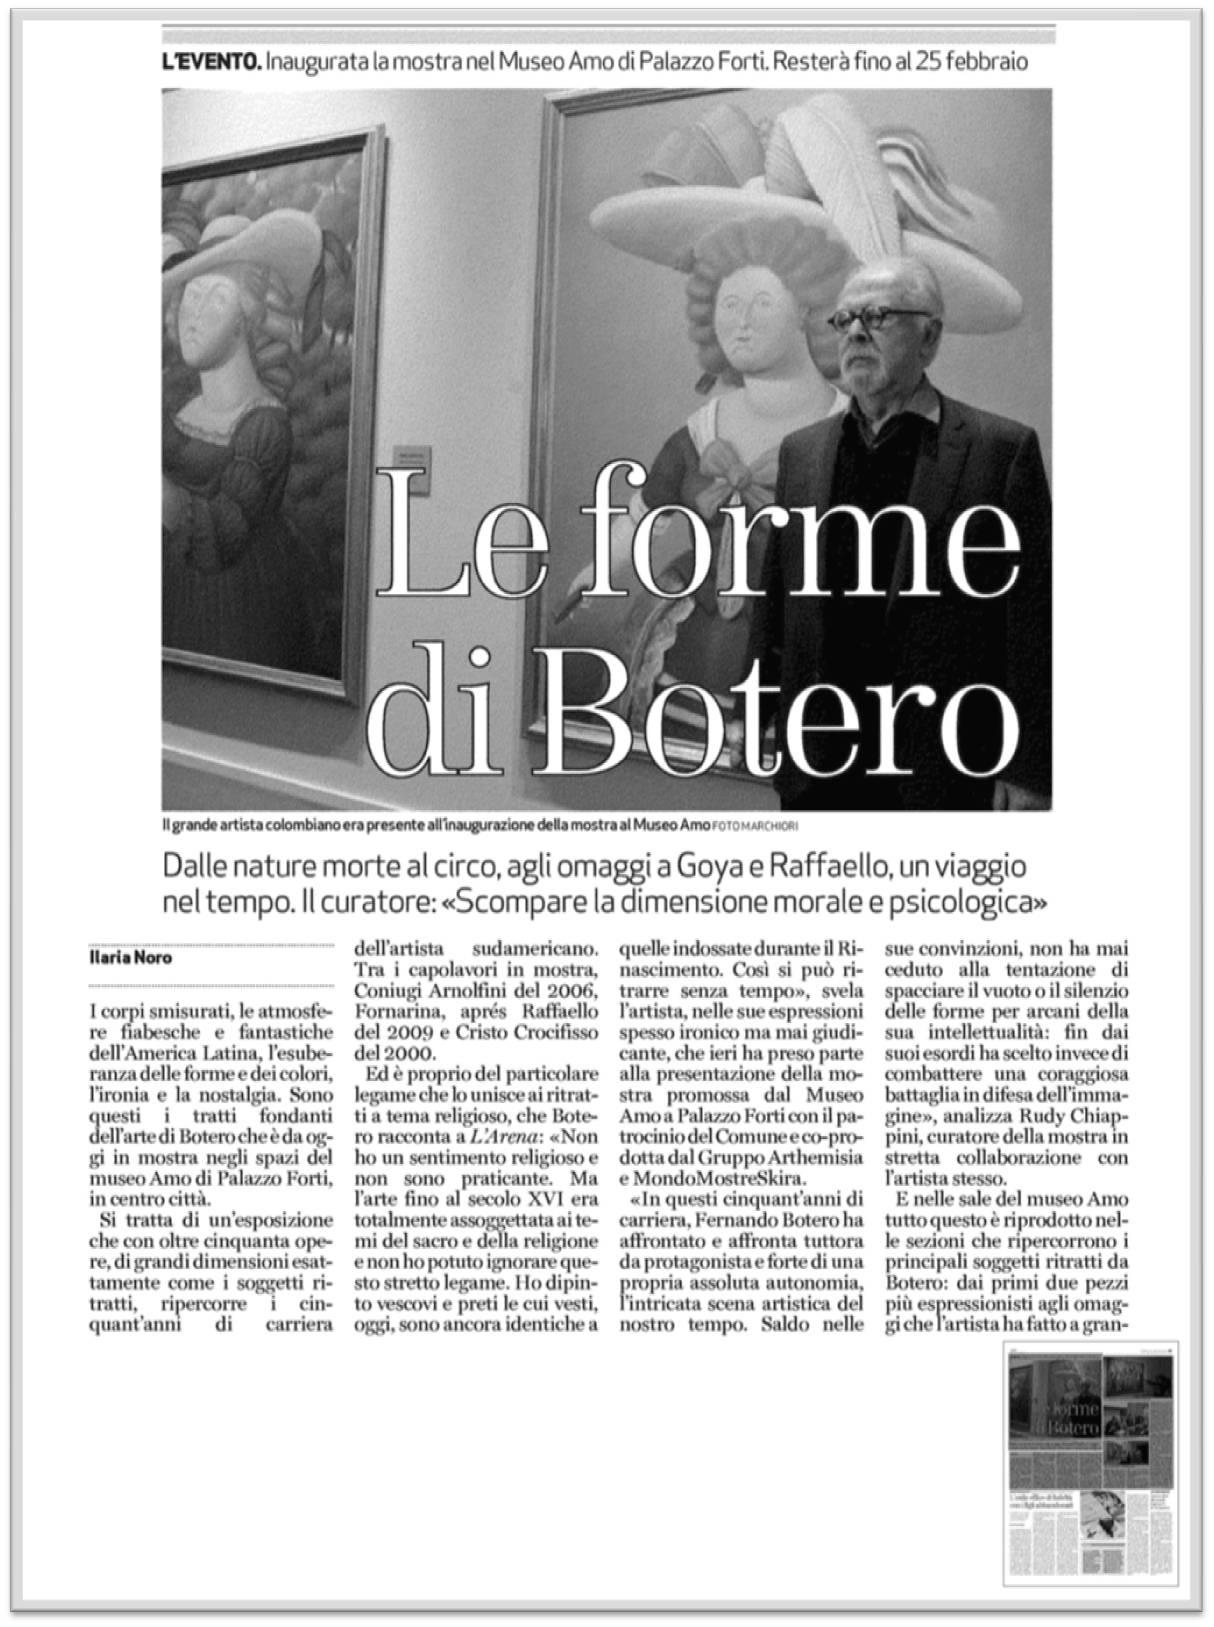 Botero_3bn-1